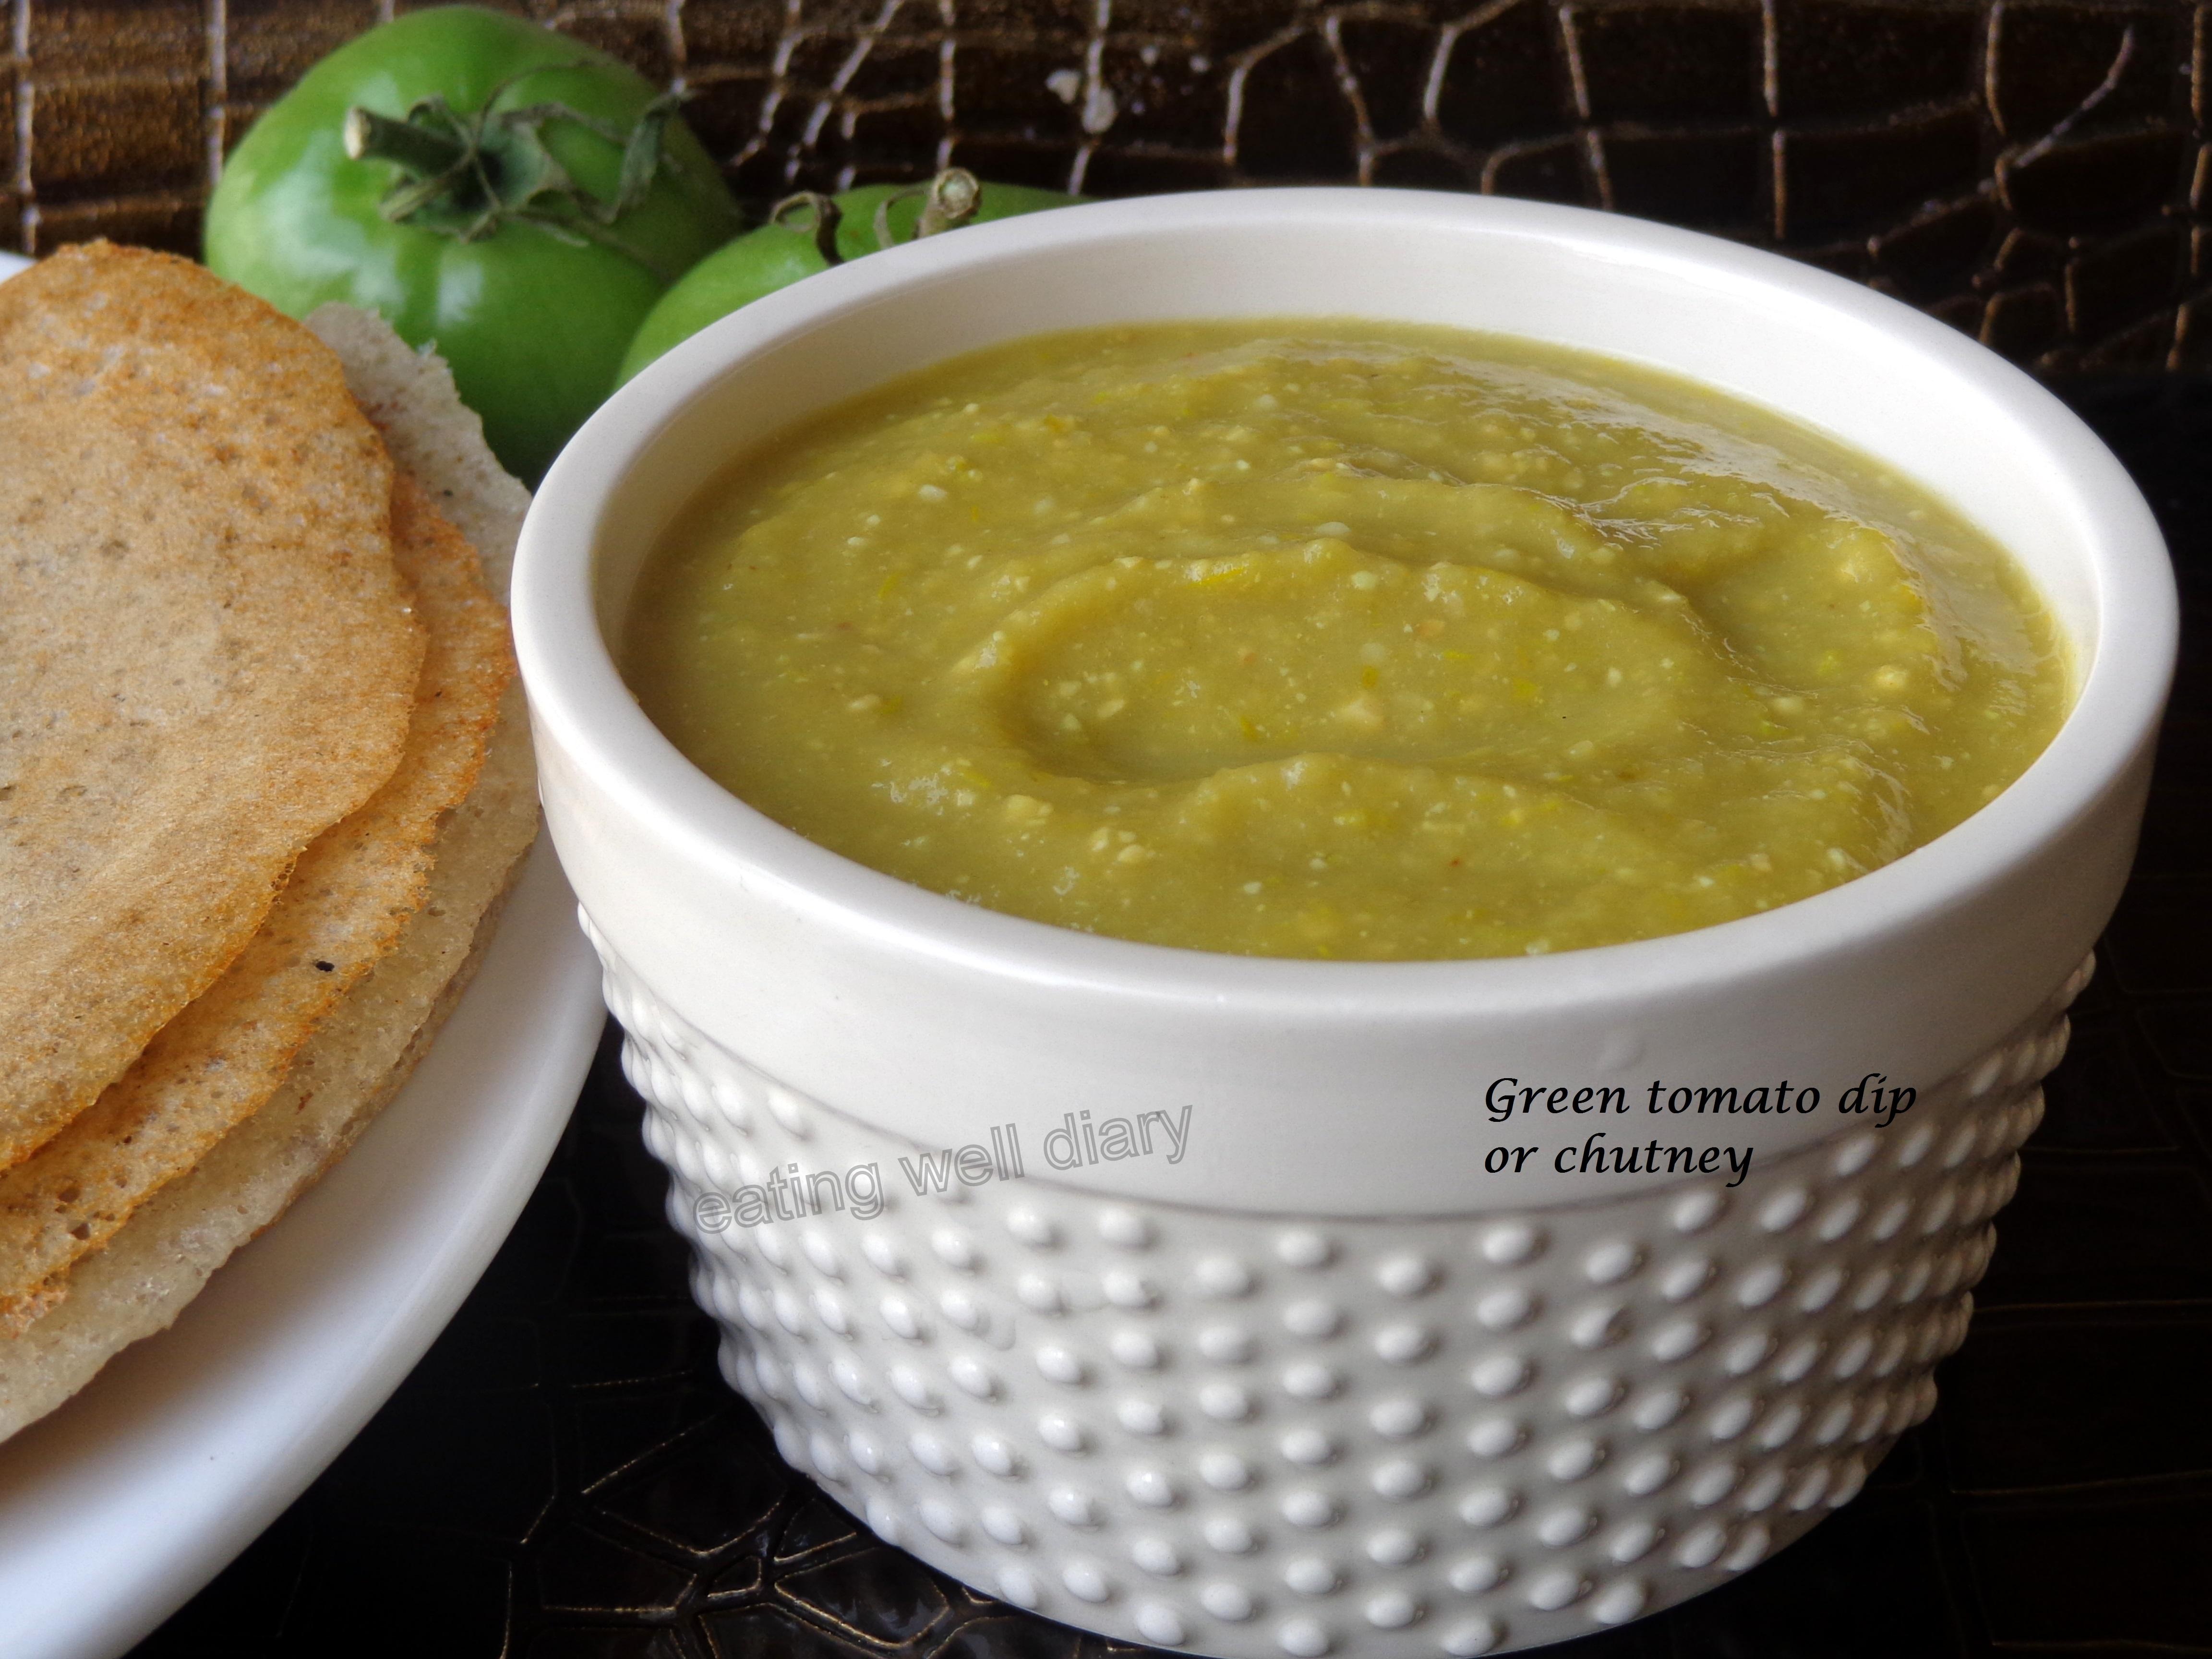 Green tomato dip (chutney)